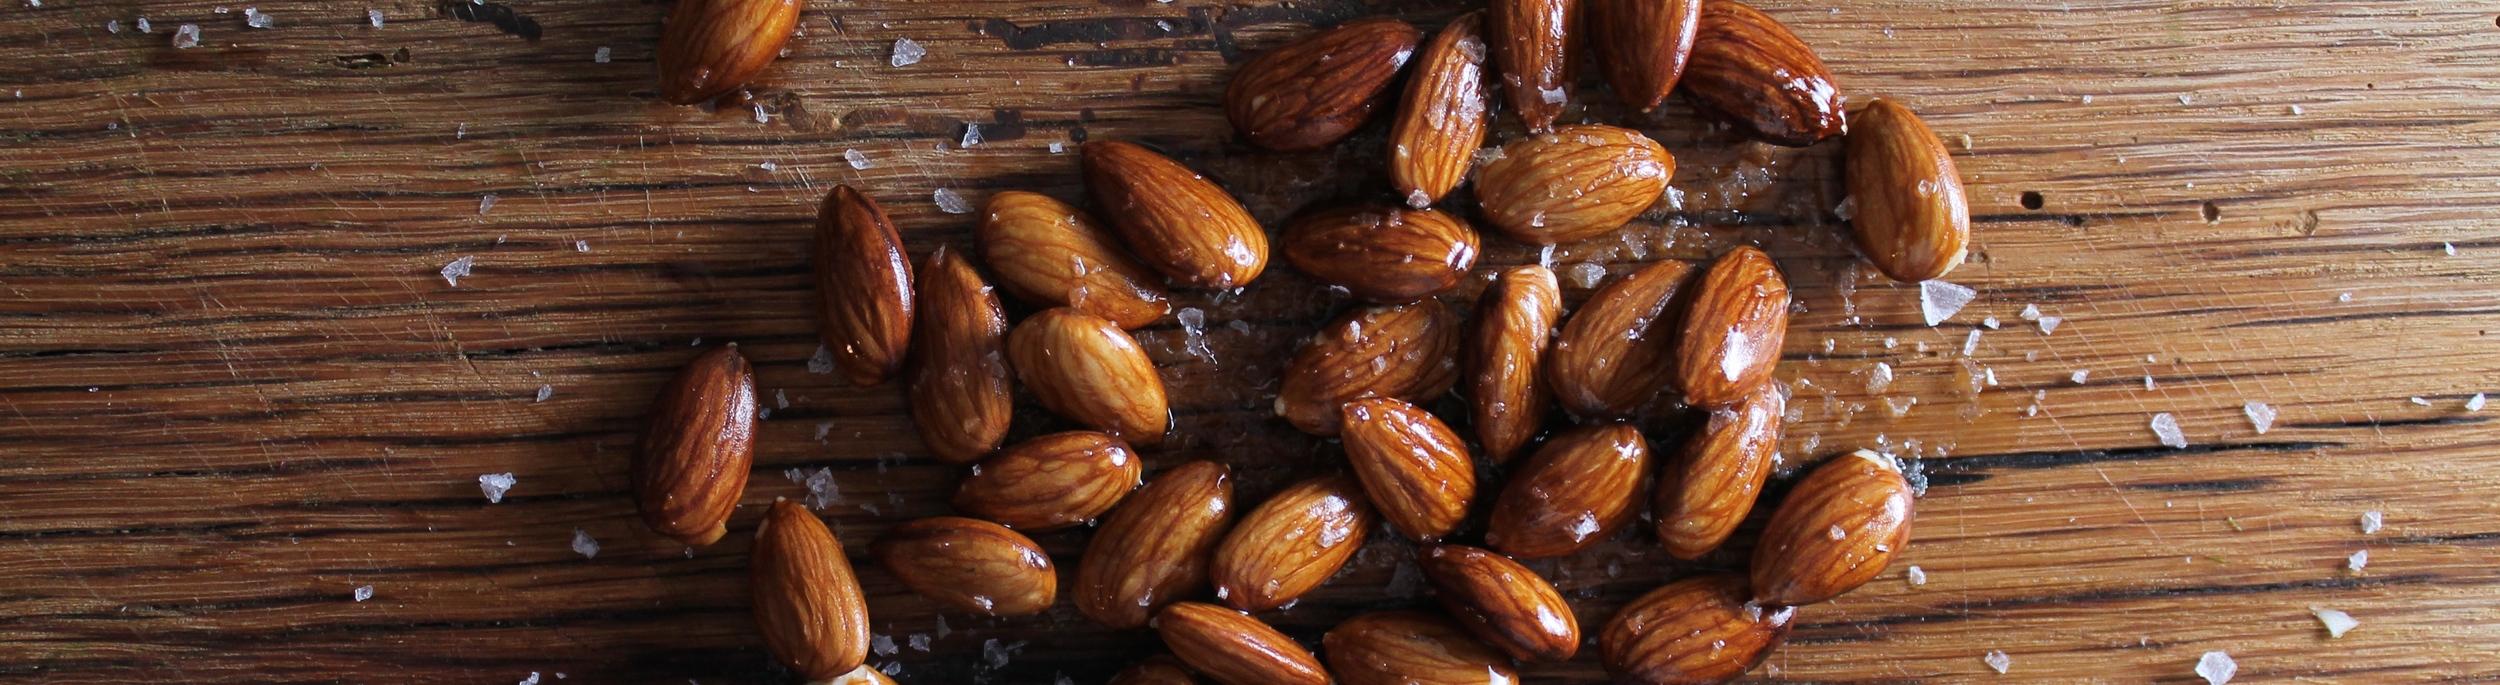 Salty Almonds | www.hungryinlove.com